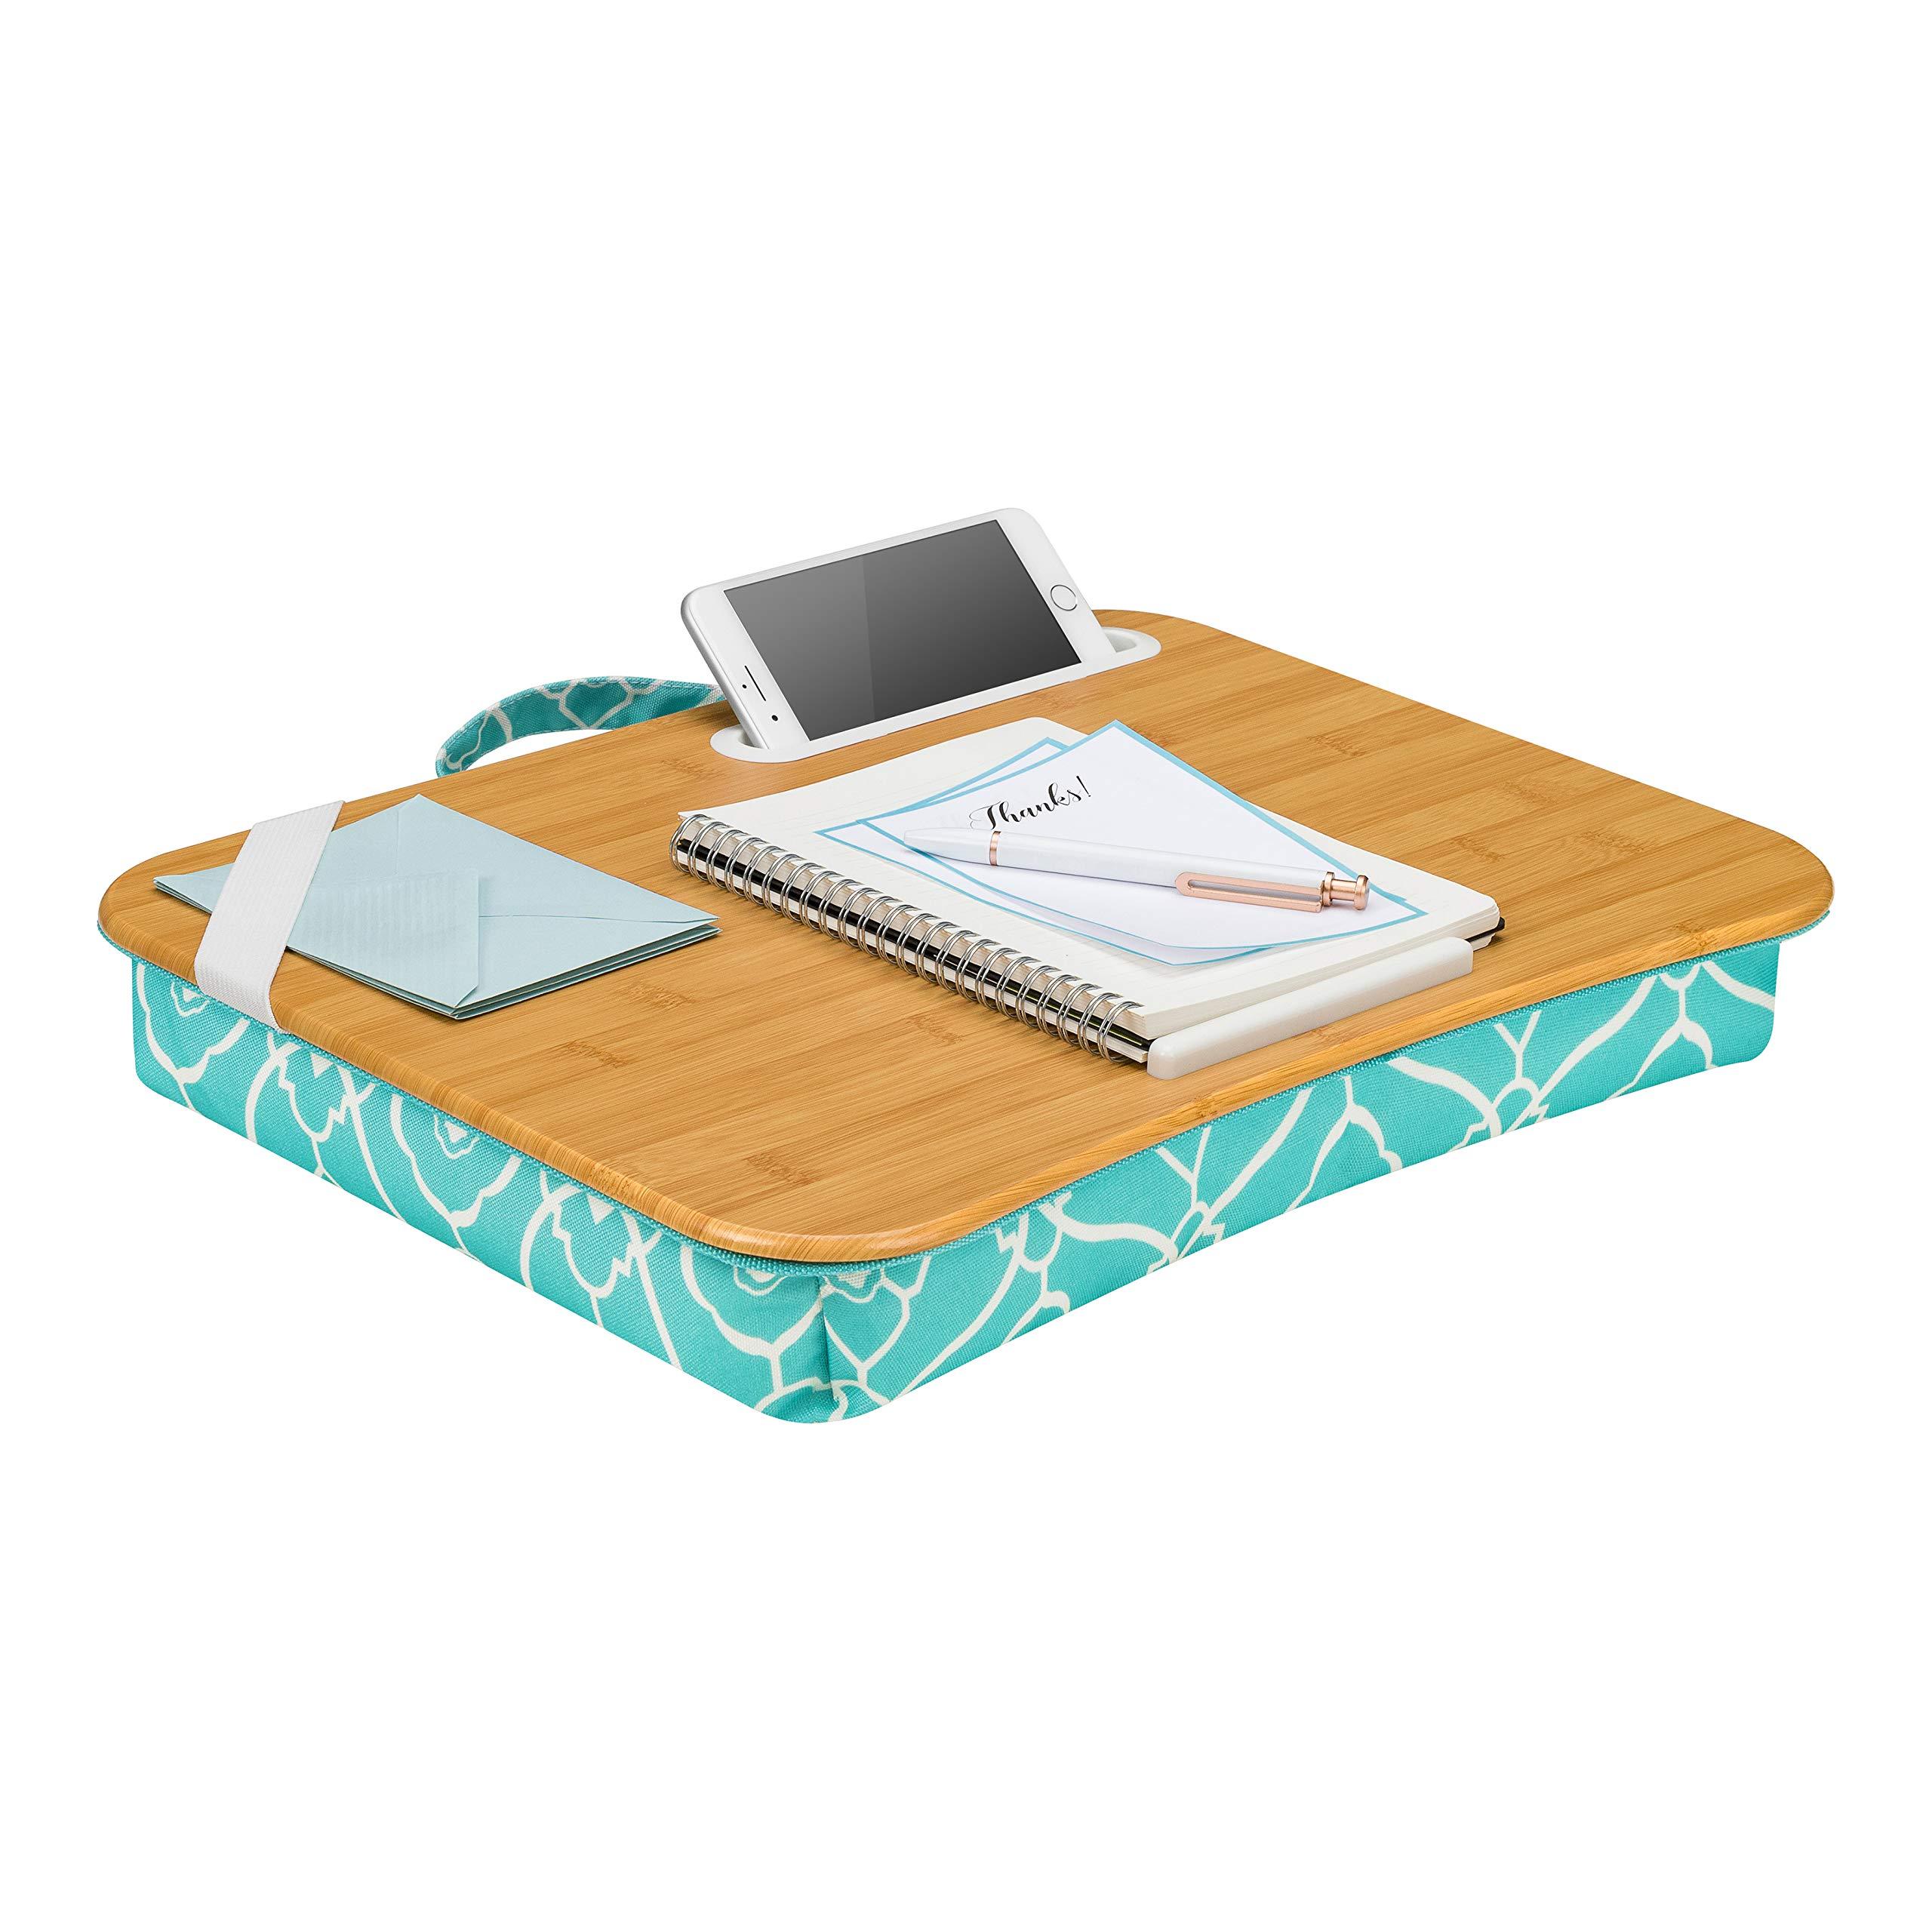 LapGear Designer Lap Desk - Aqua Trellis (Fits up to 15.6'' Laptop) - Style #45422 by Lap Desk (Image #1)